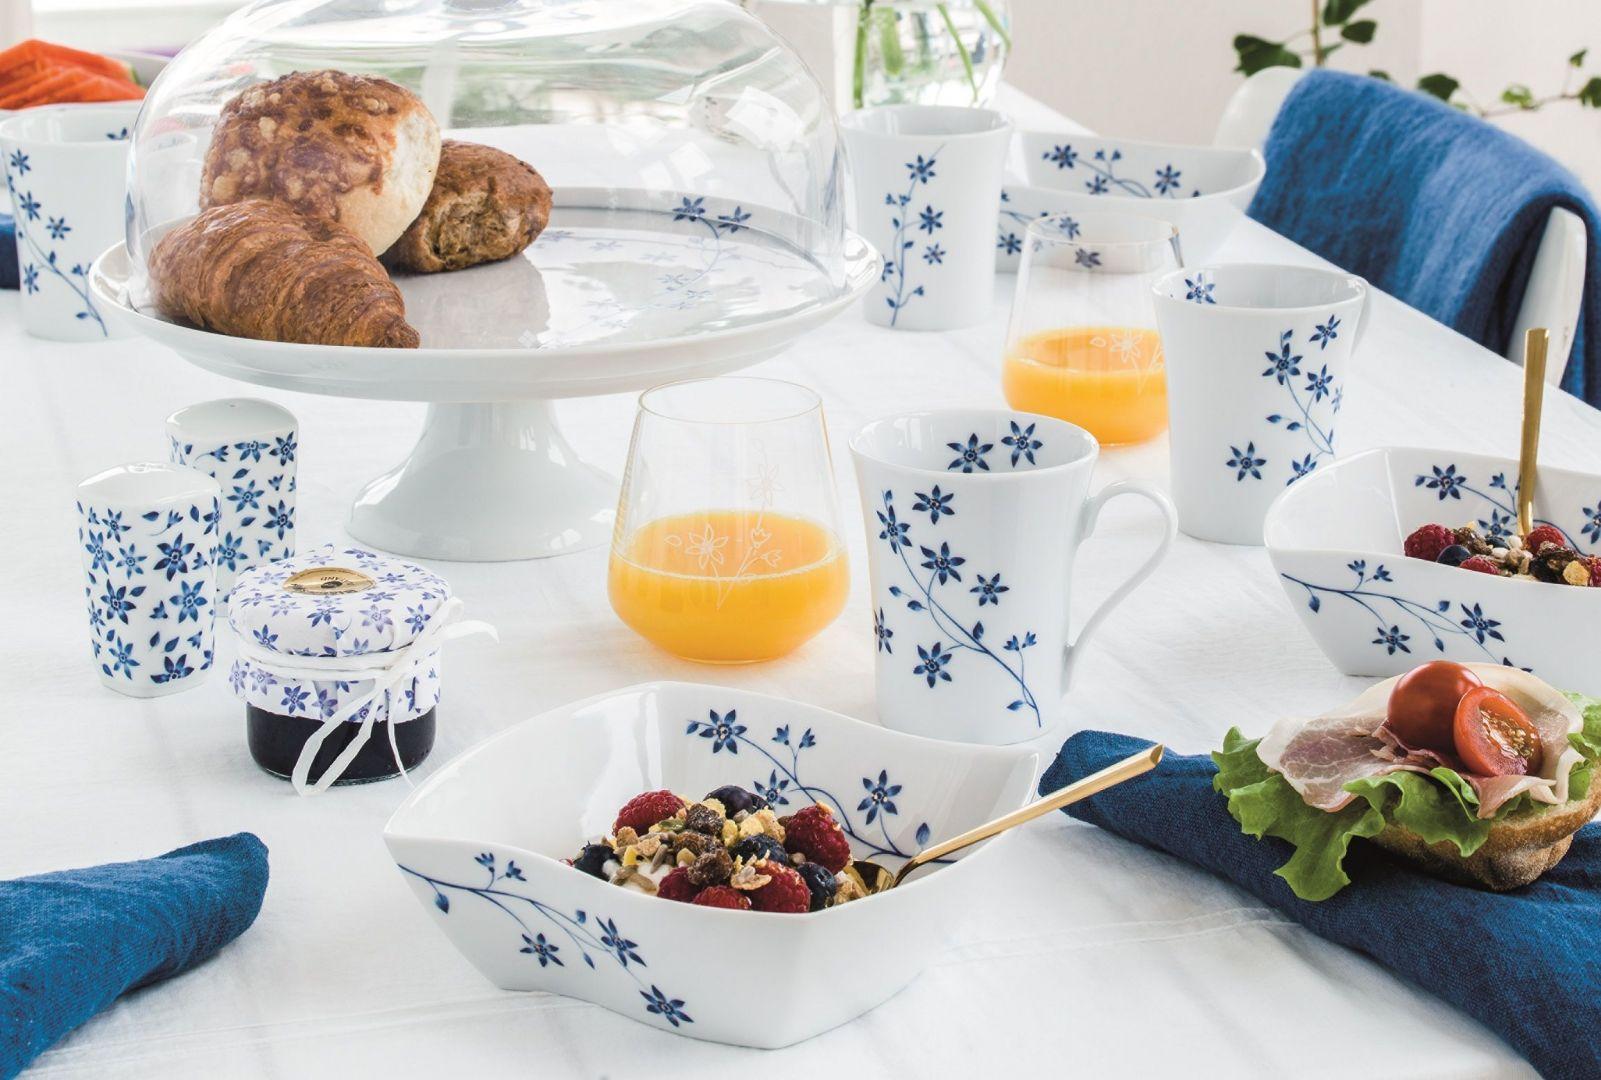 Serwis porcelanowy Lise zdobią niebieskie kwiaty i szczypta złota. Fot. Fyrklövern